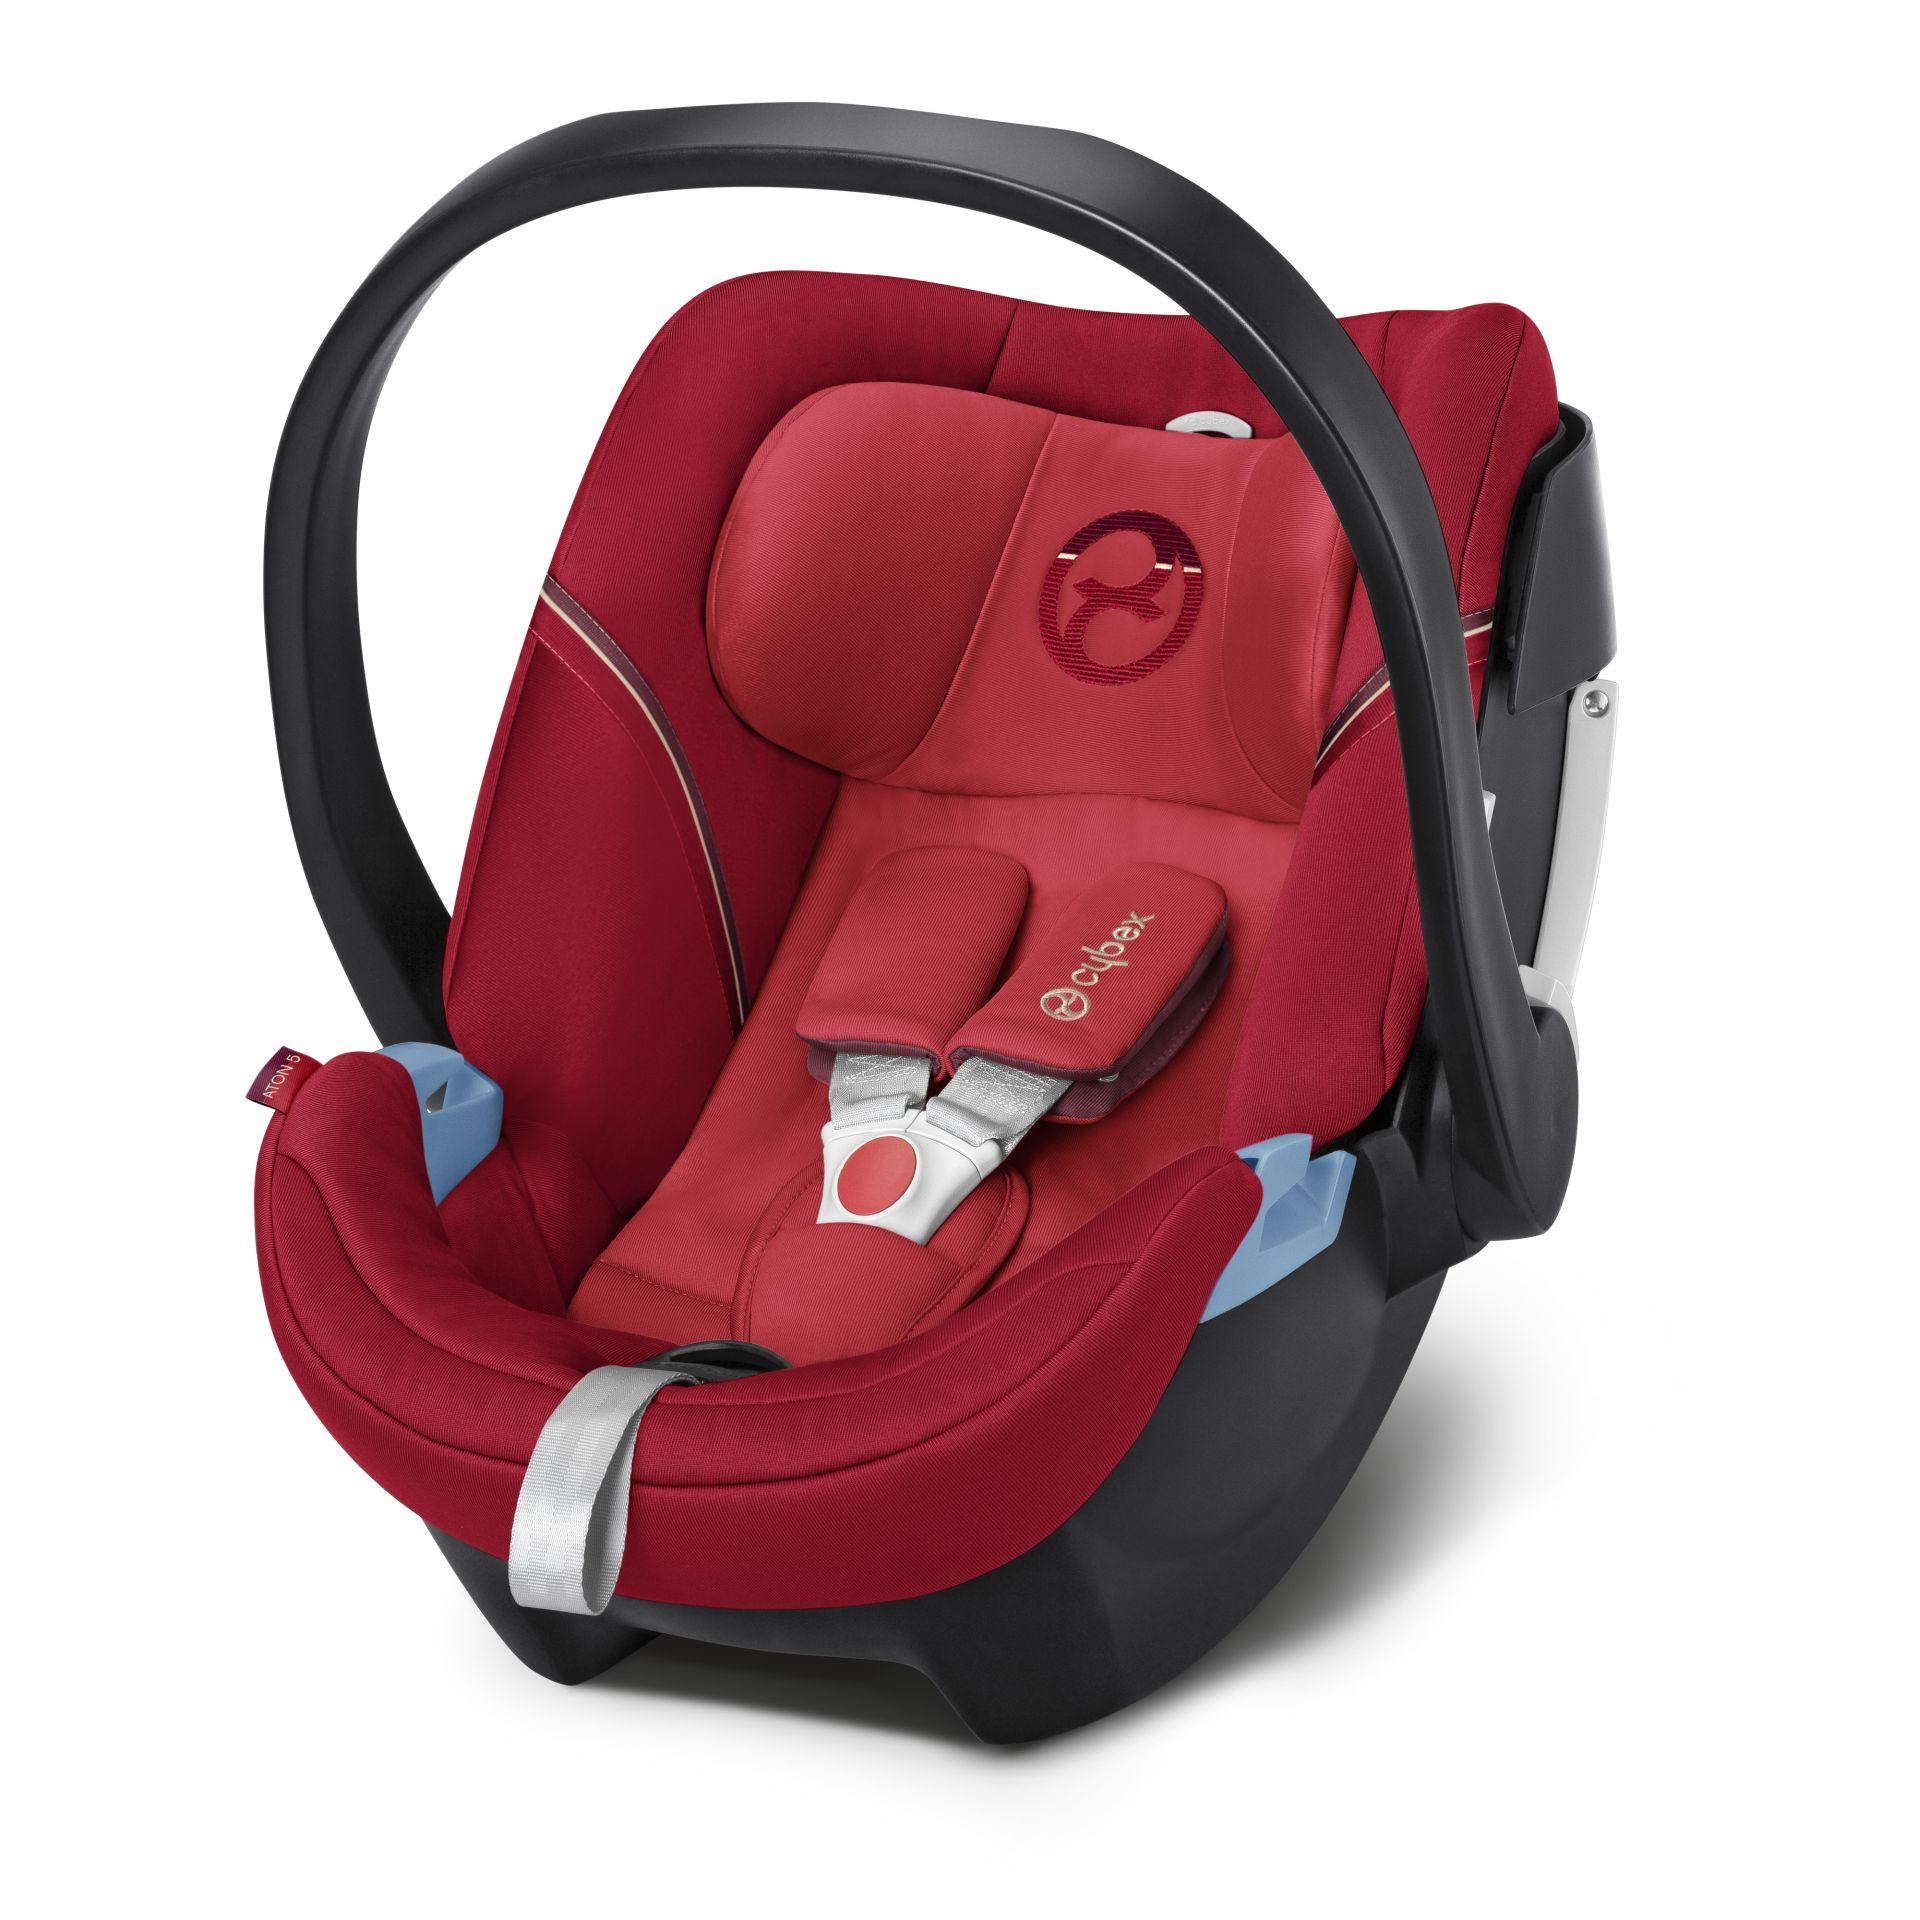 Cybex ATON 5 嬰兒提籃型安全座椅/ 嬰兒汽座- 艷火紅 INFRA RED